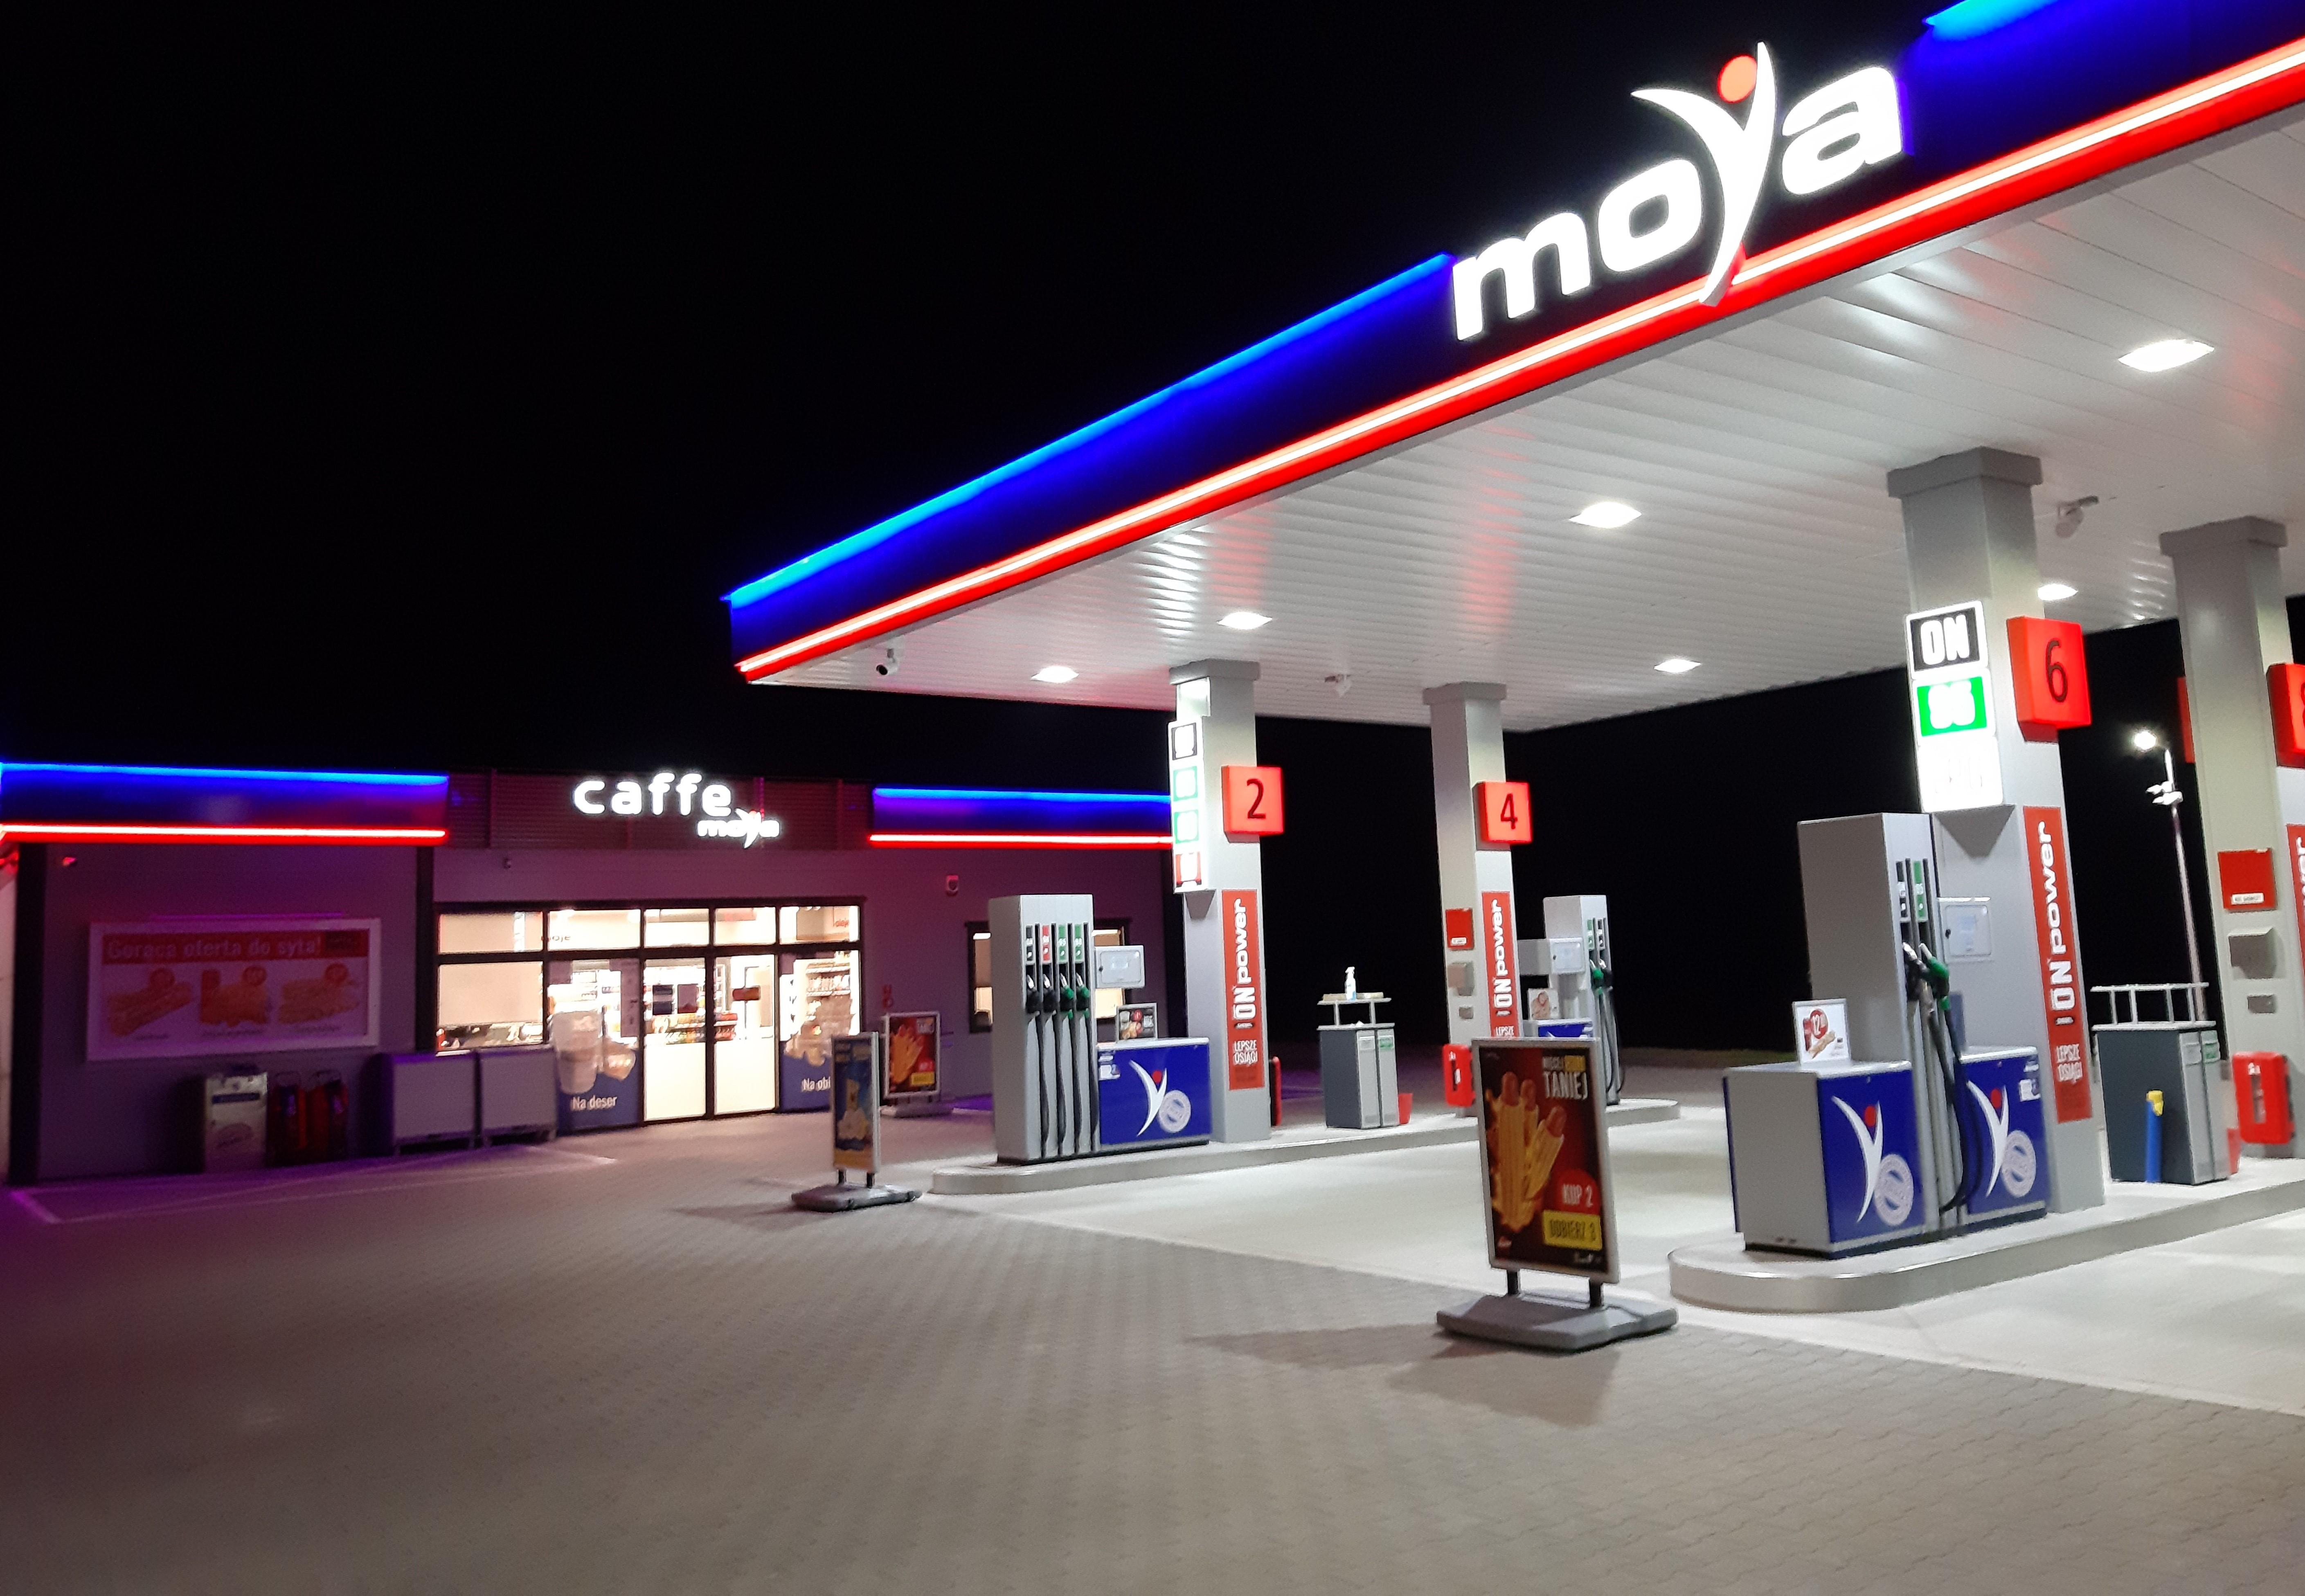 Nowa stacja sieci Moya